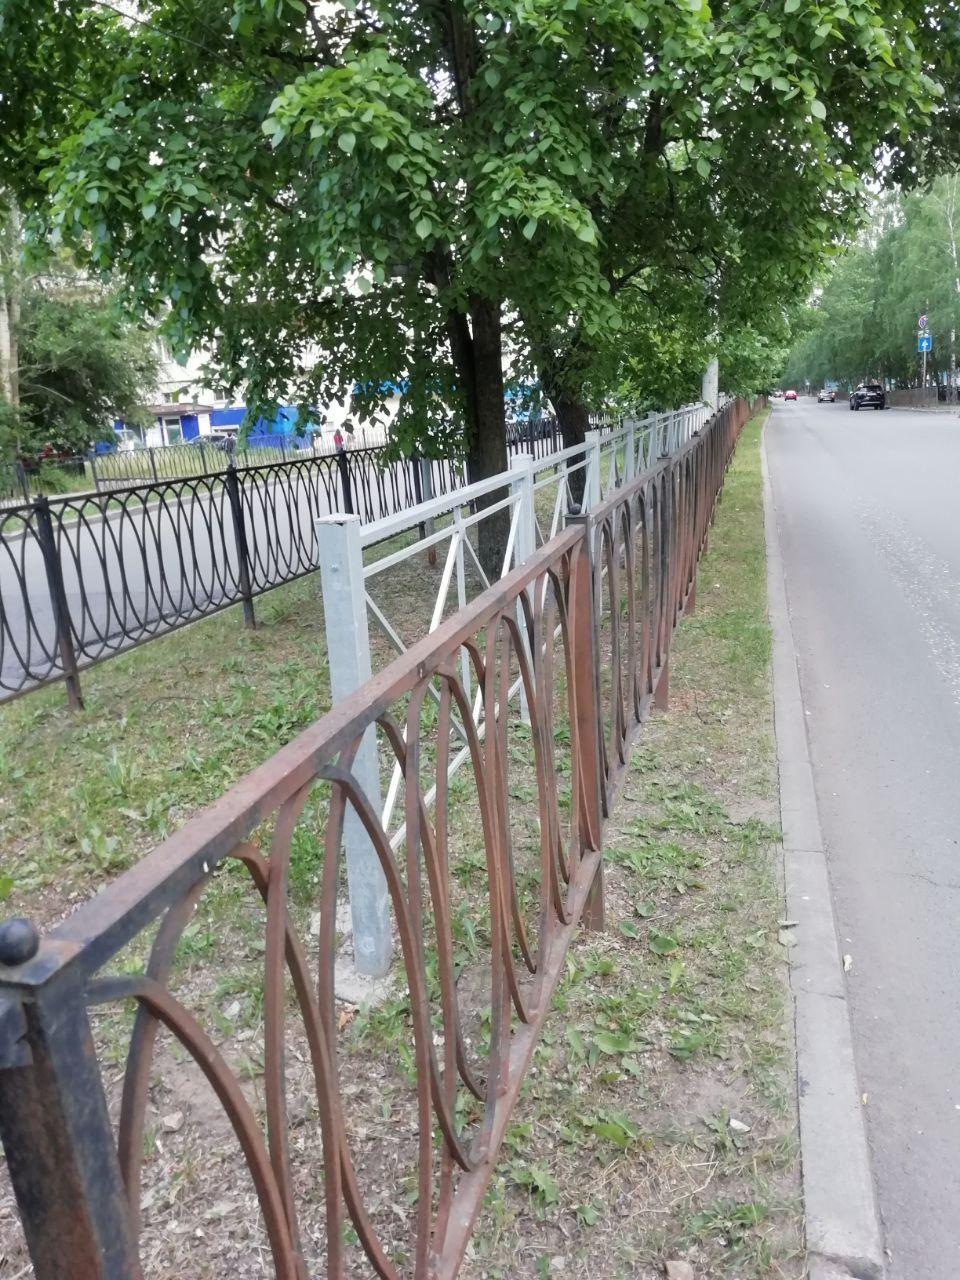 «Забор, который огораживает забор! В общей сложности пешеходу, который решит в неположенном месте перейти улицу Карбышева, надо будет перелезть пять заборов»